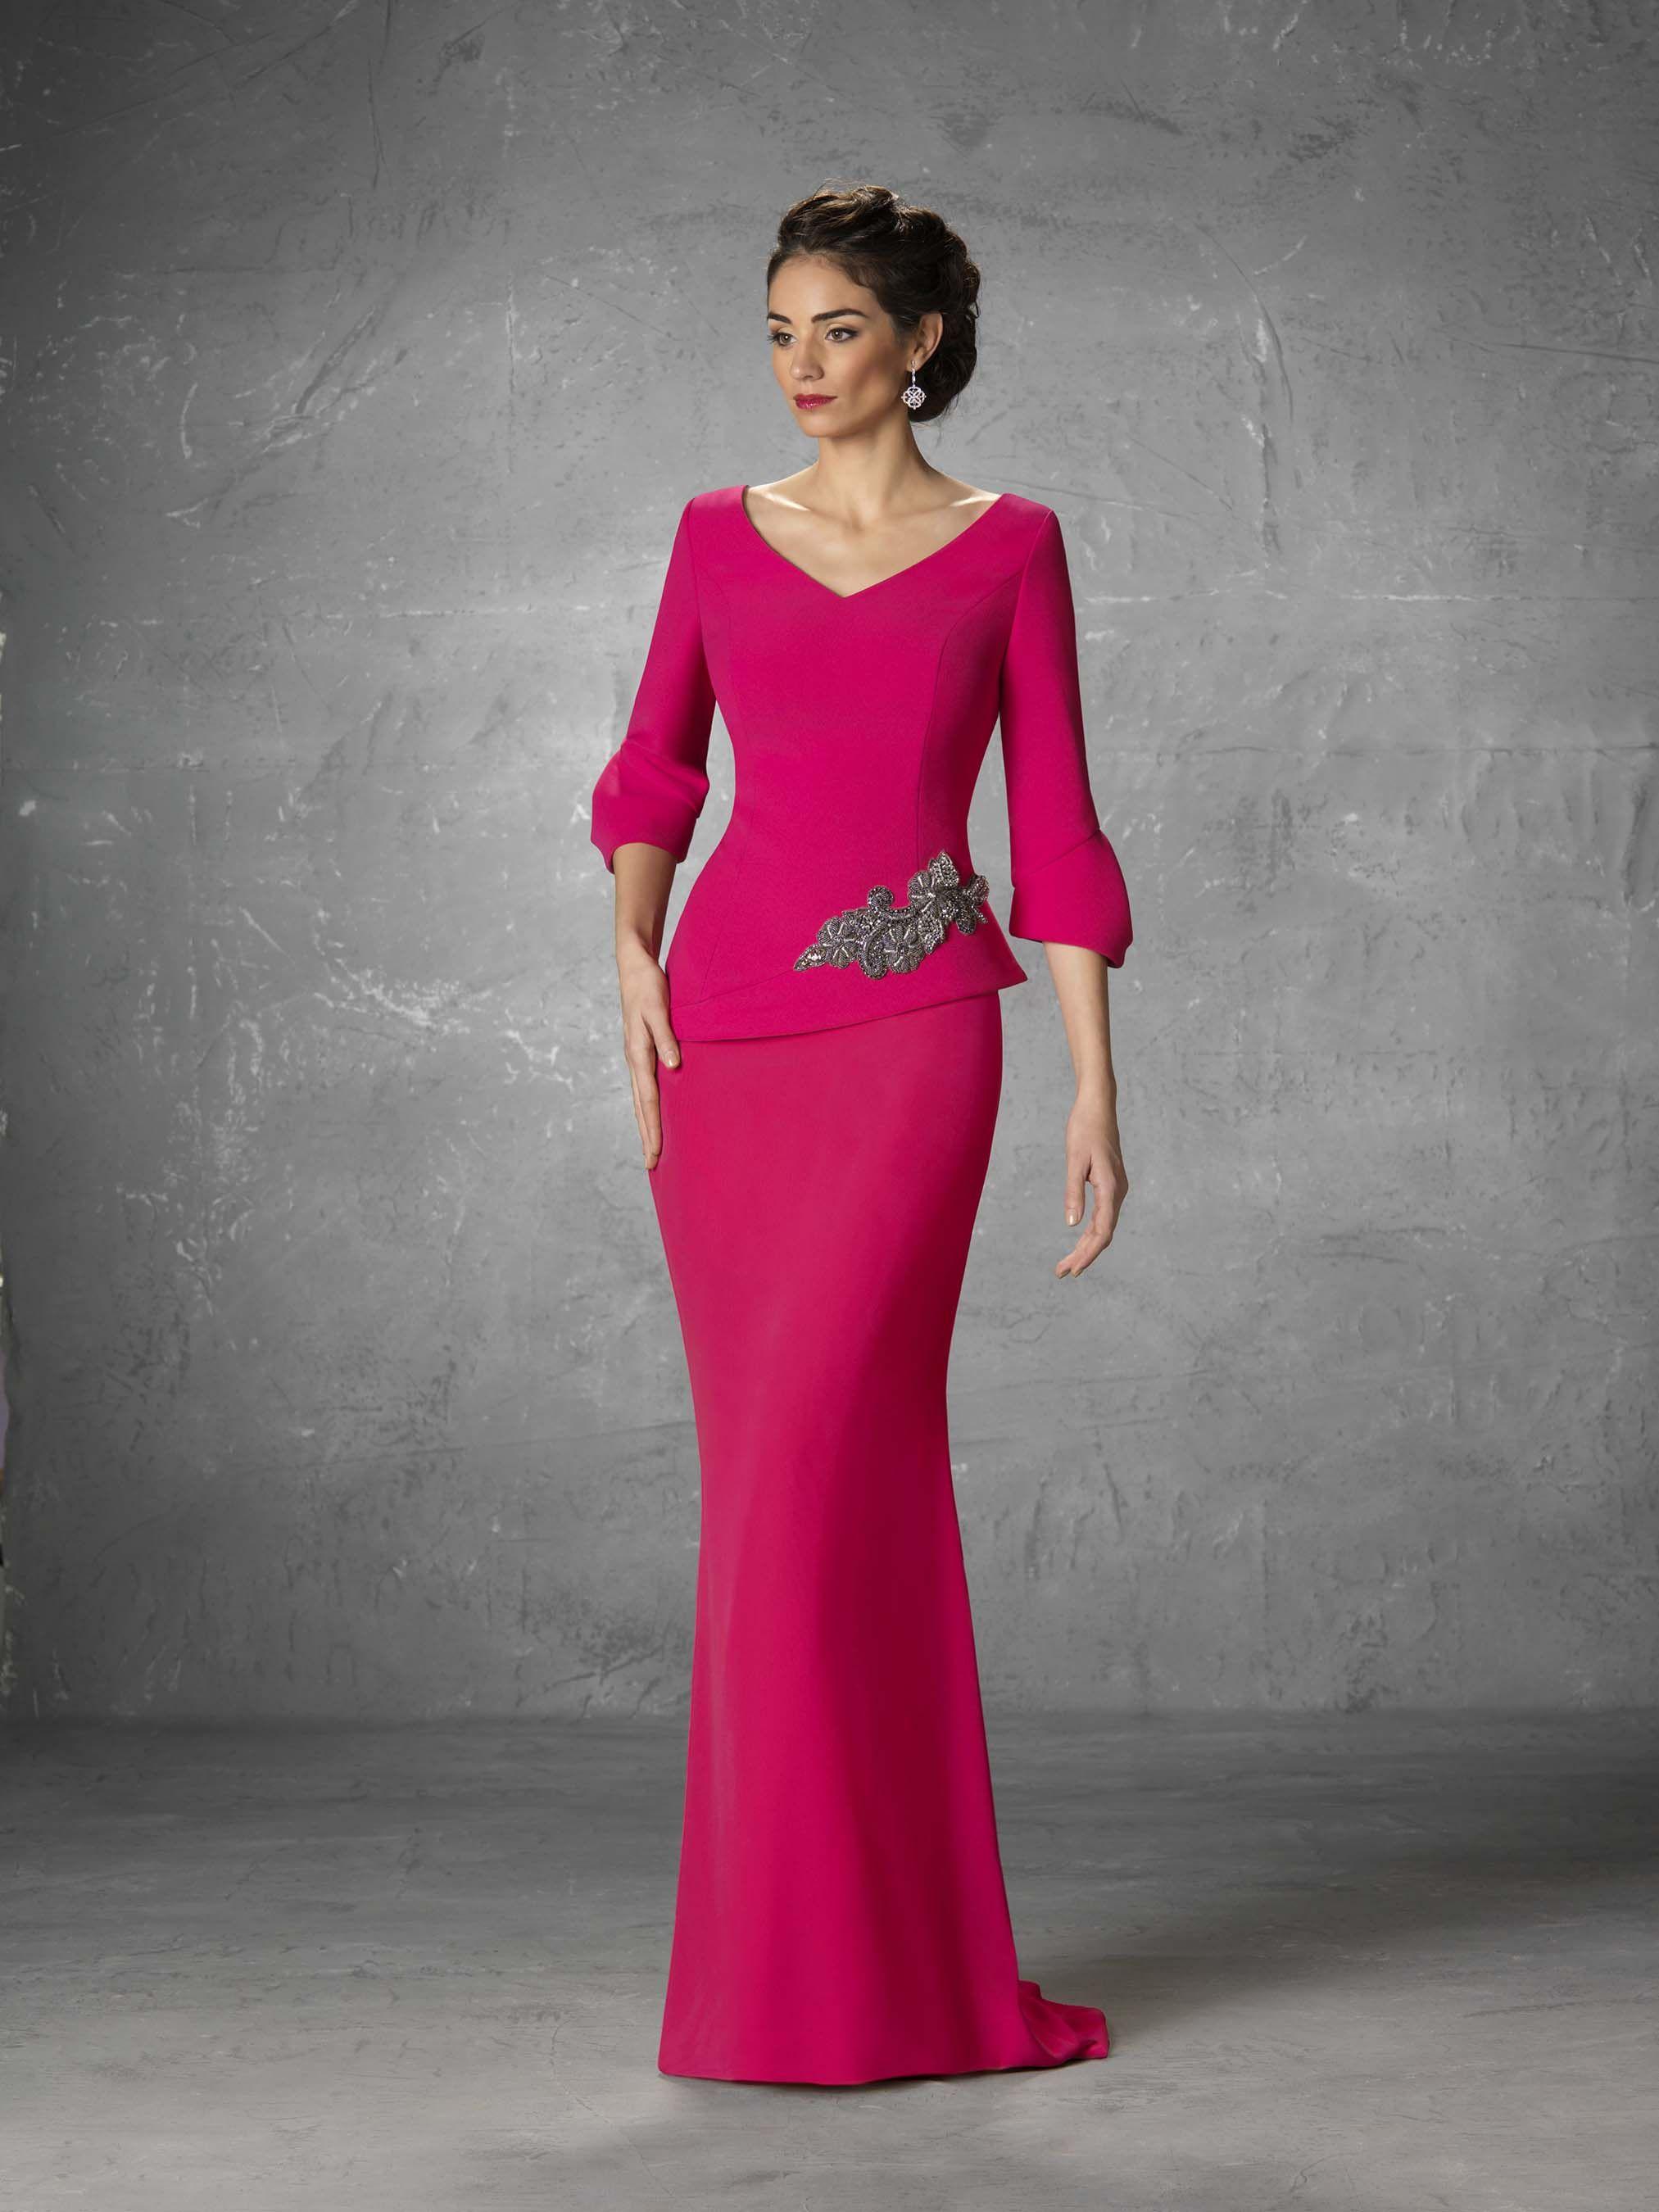 6c5fa2c364 Vestido de Madrina de Raffaello (Janase), largo | Madrinas, madre ...